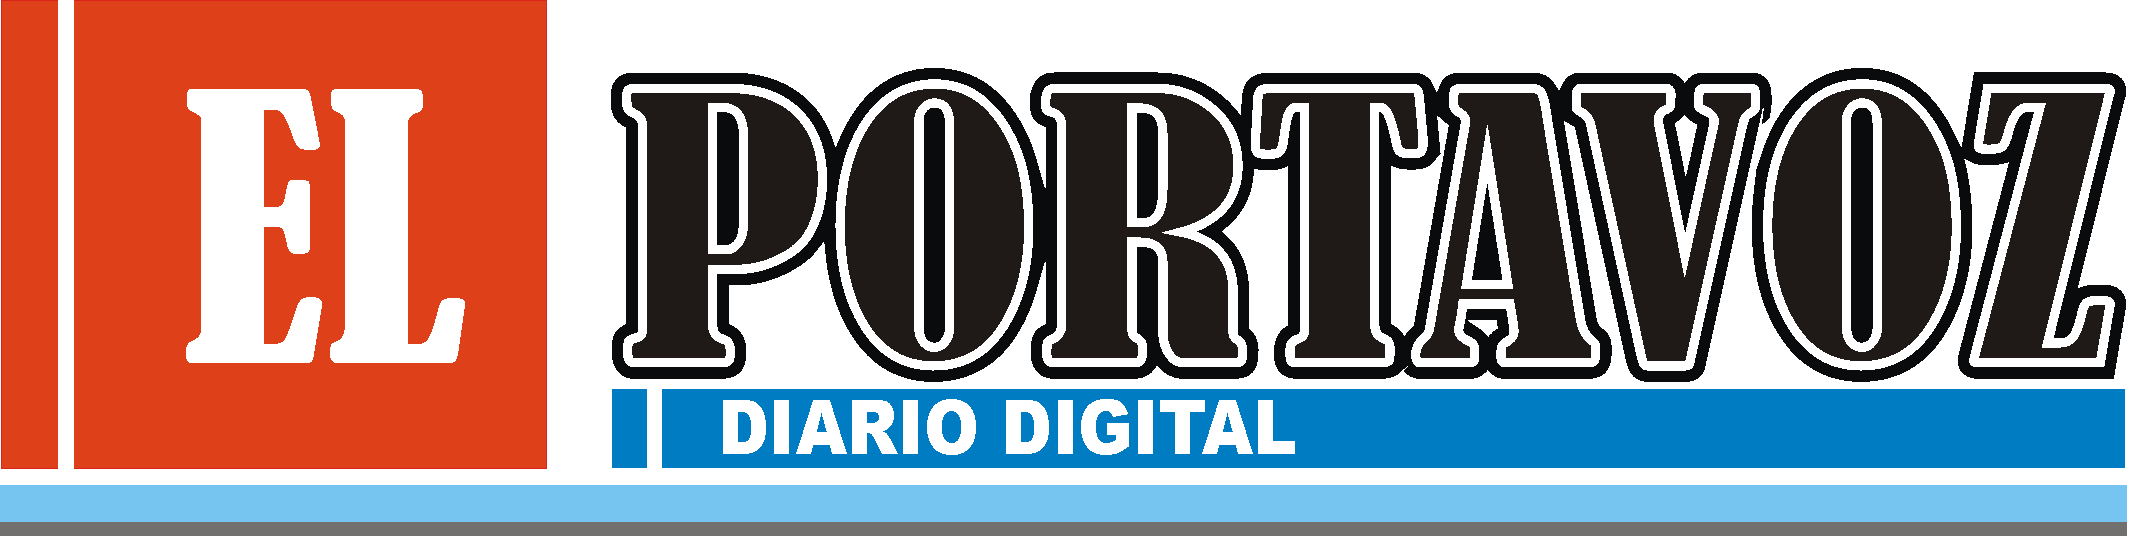 Radio El Portavoz